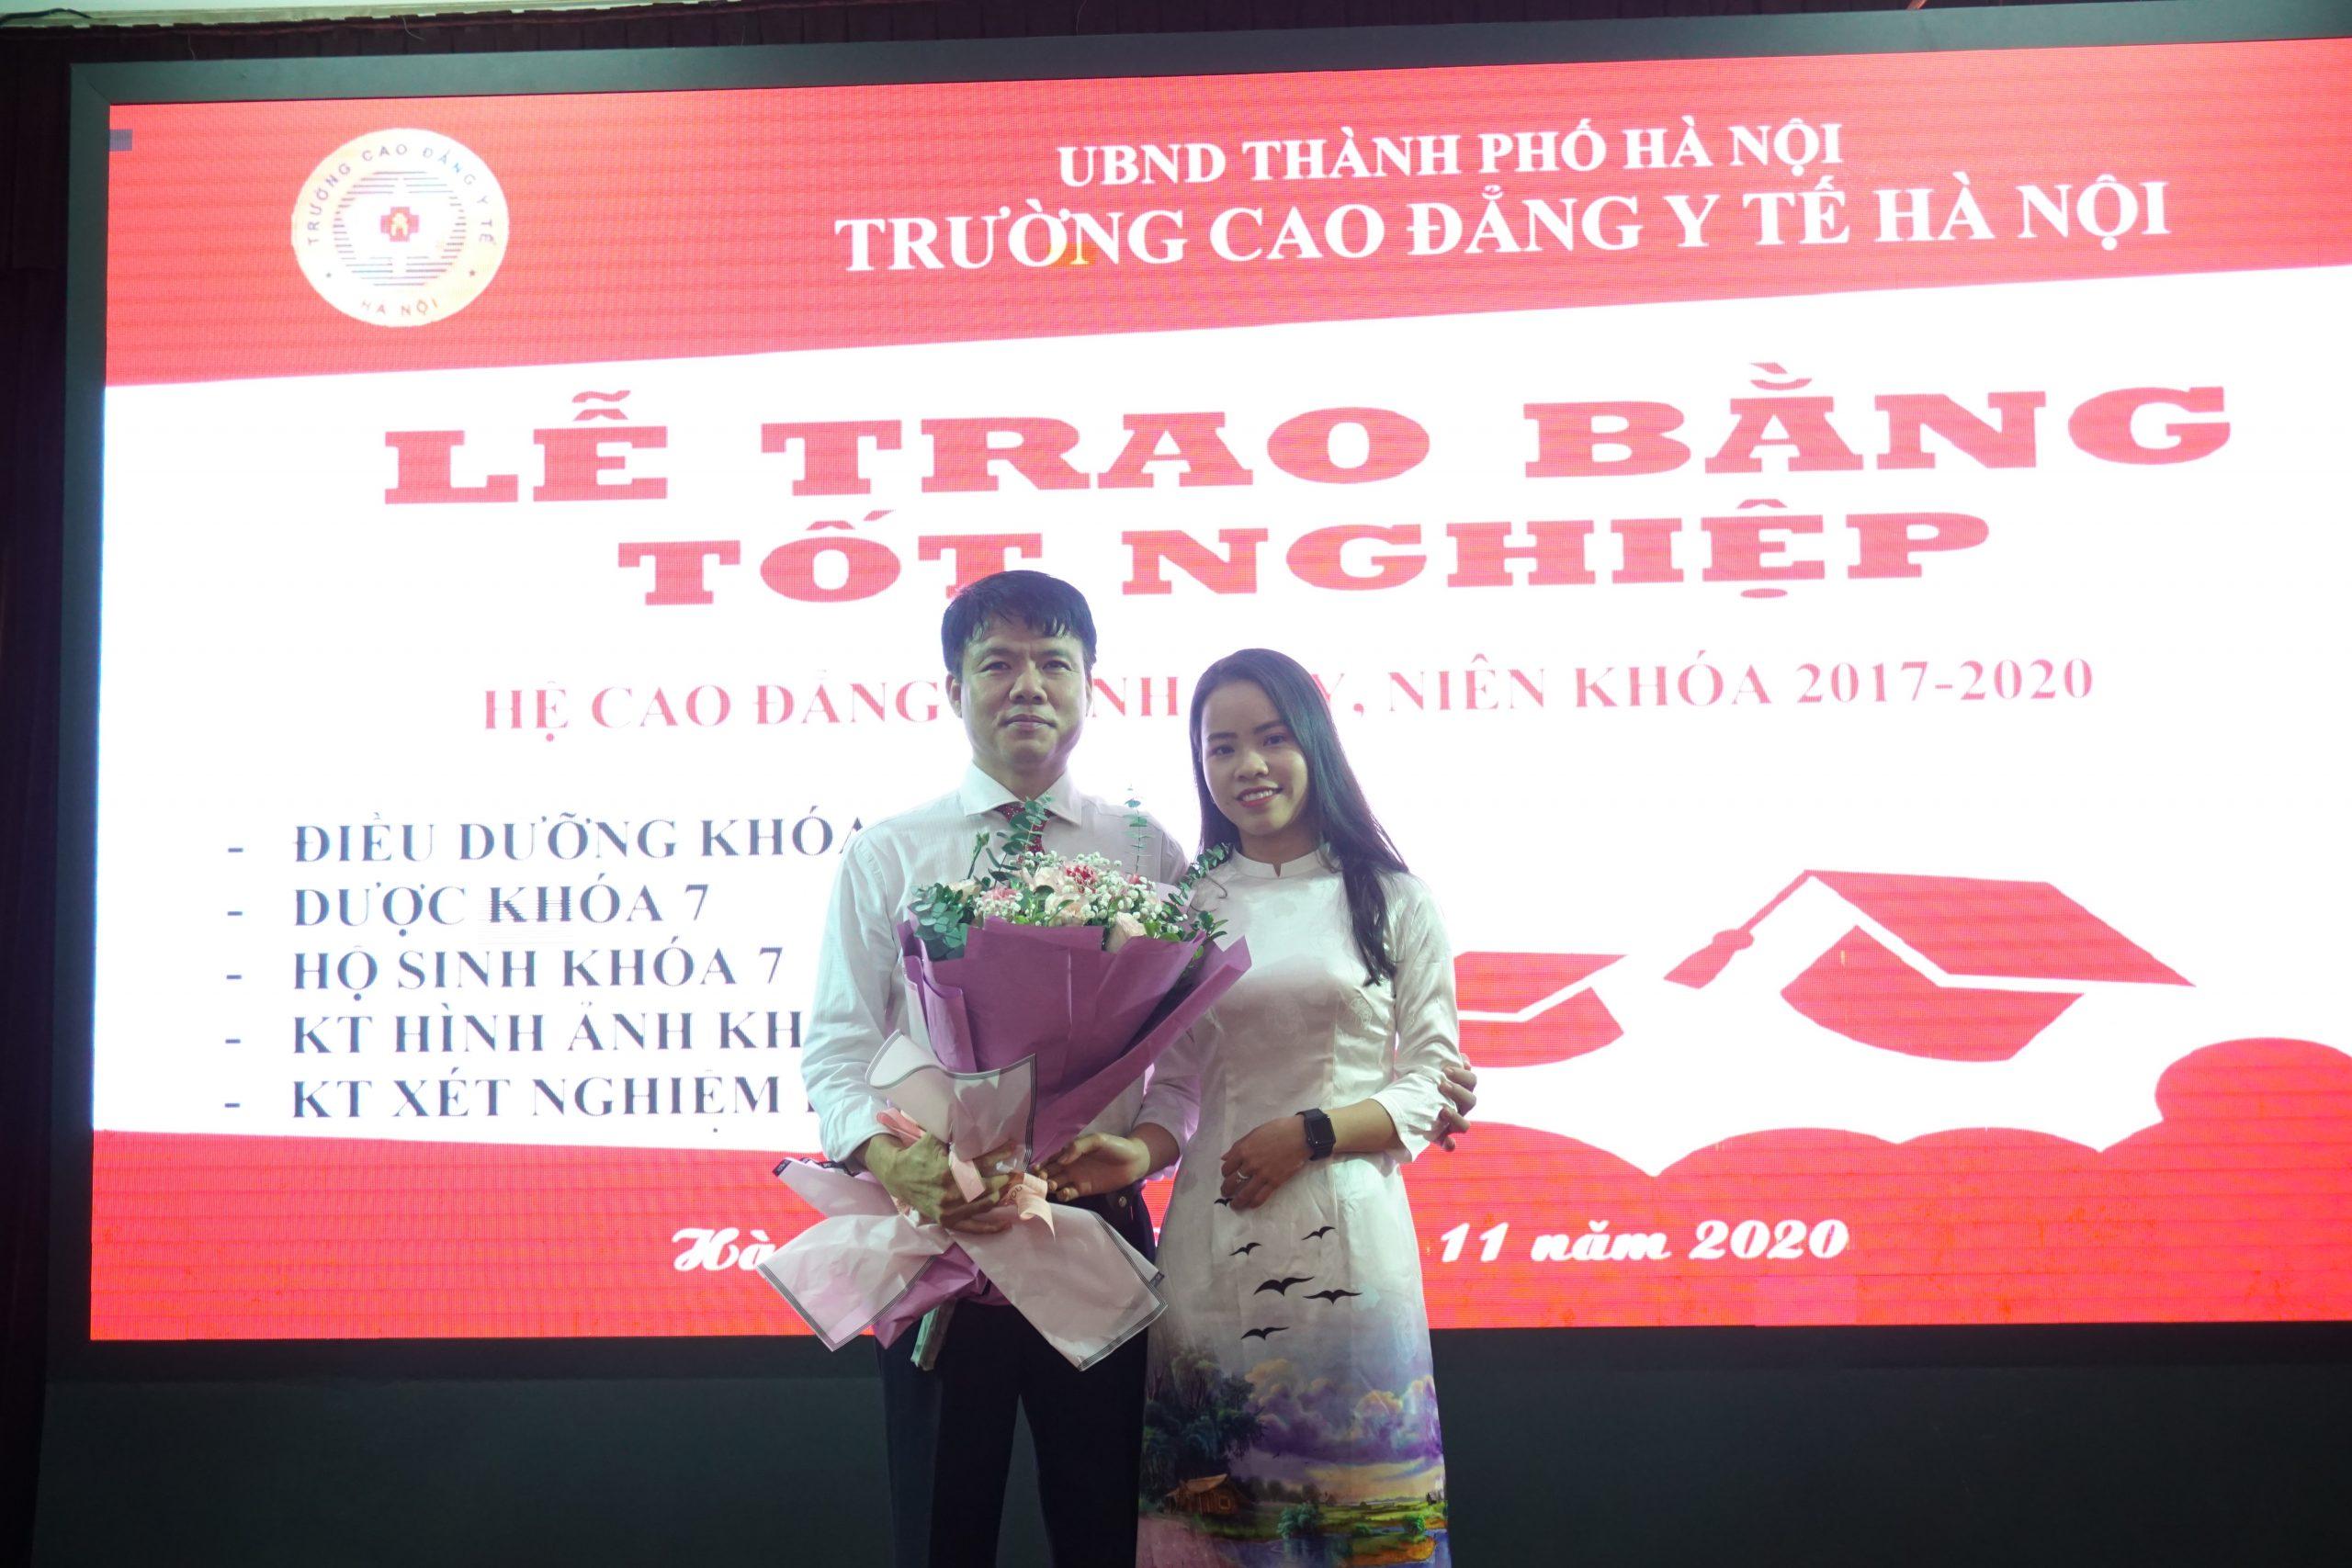 Lê Thị Khánh Ninh - Sinh viên lớp 12A35 chuyên ngành Điều dưỡng là 1 trong 13 em sinh viên tiêu biểu nhất, tốt nghiệp loại giỏi của trường đại diện toàn bộ sinh viên tặng hoa cảm ơn nhà trường